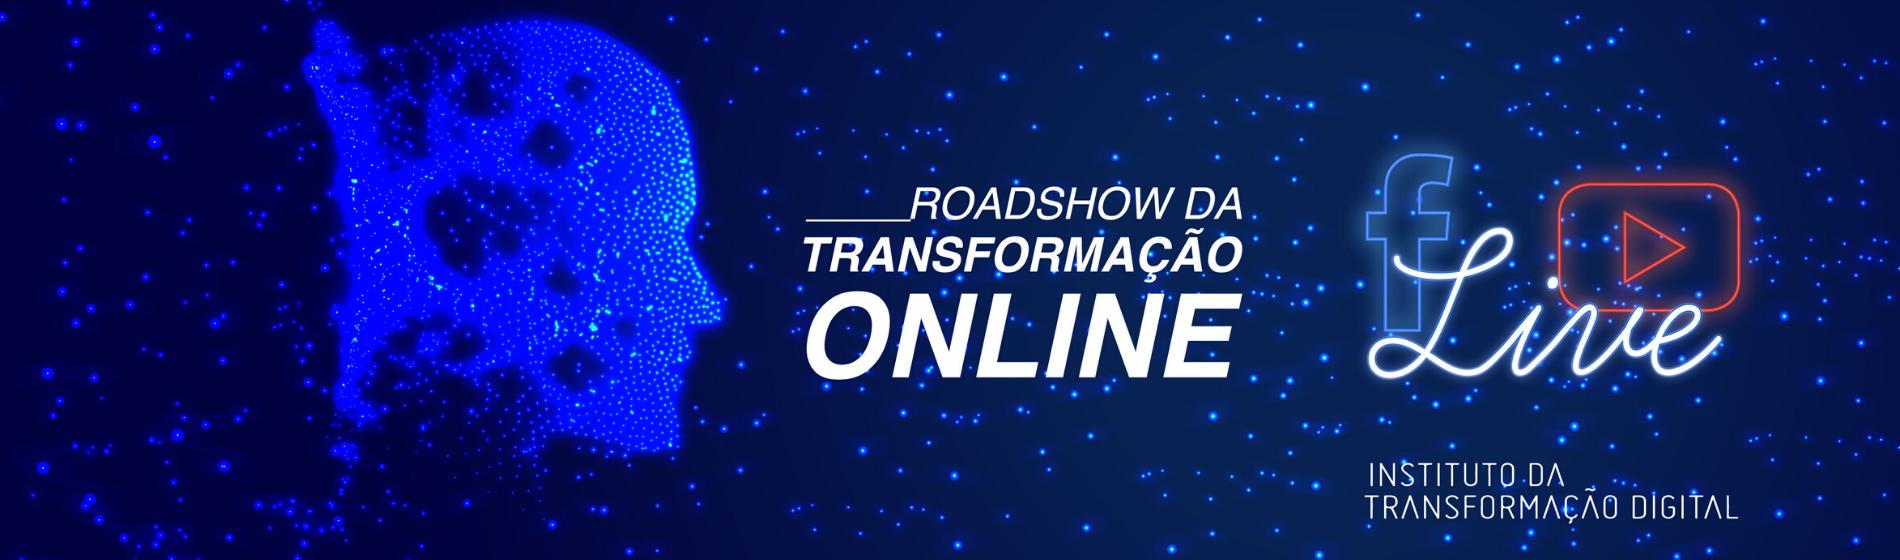 Roadshow da Transformação